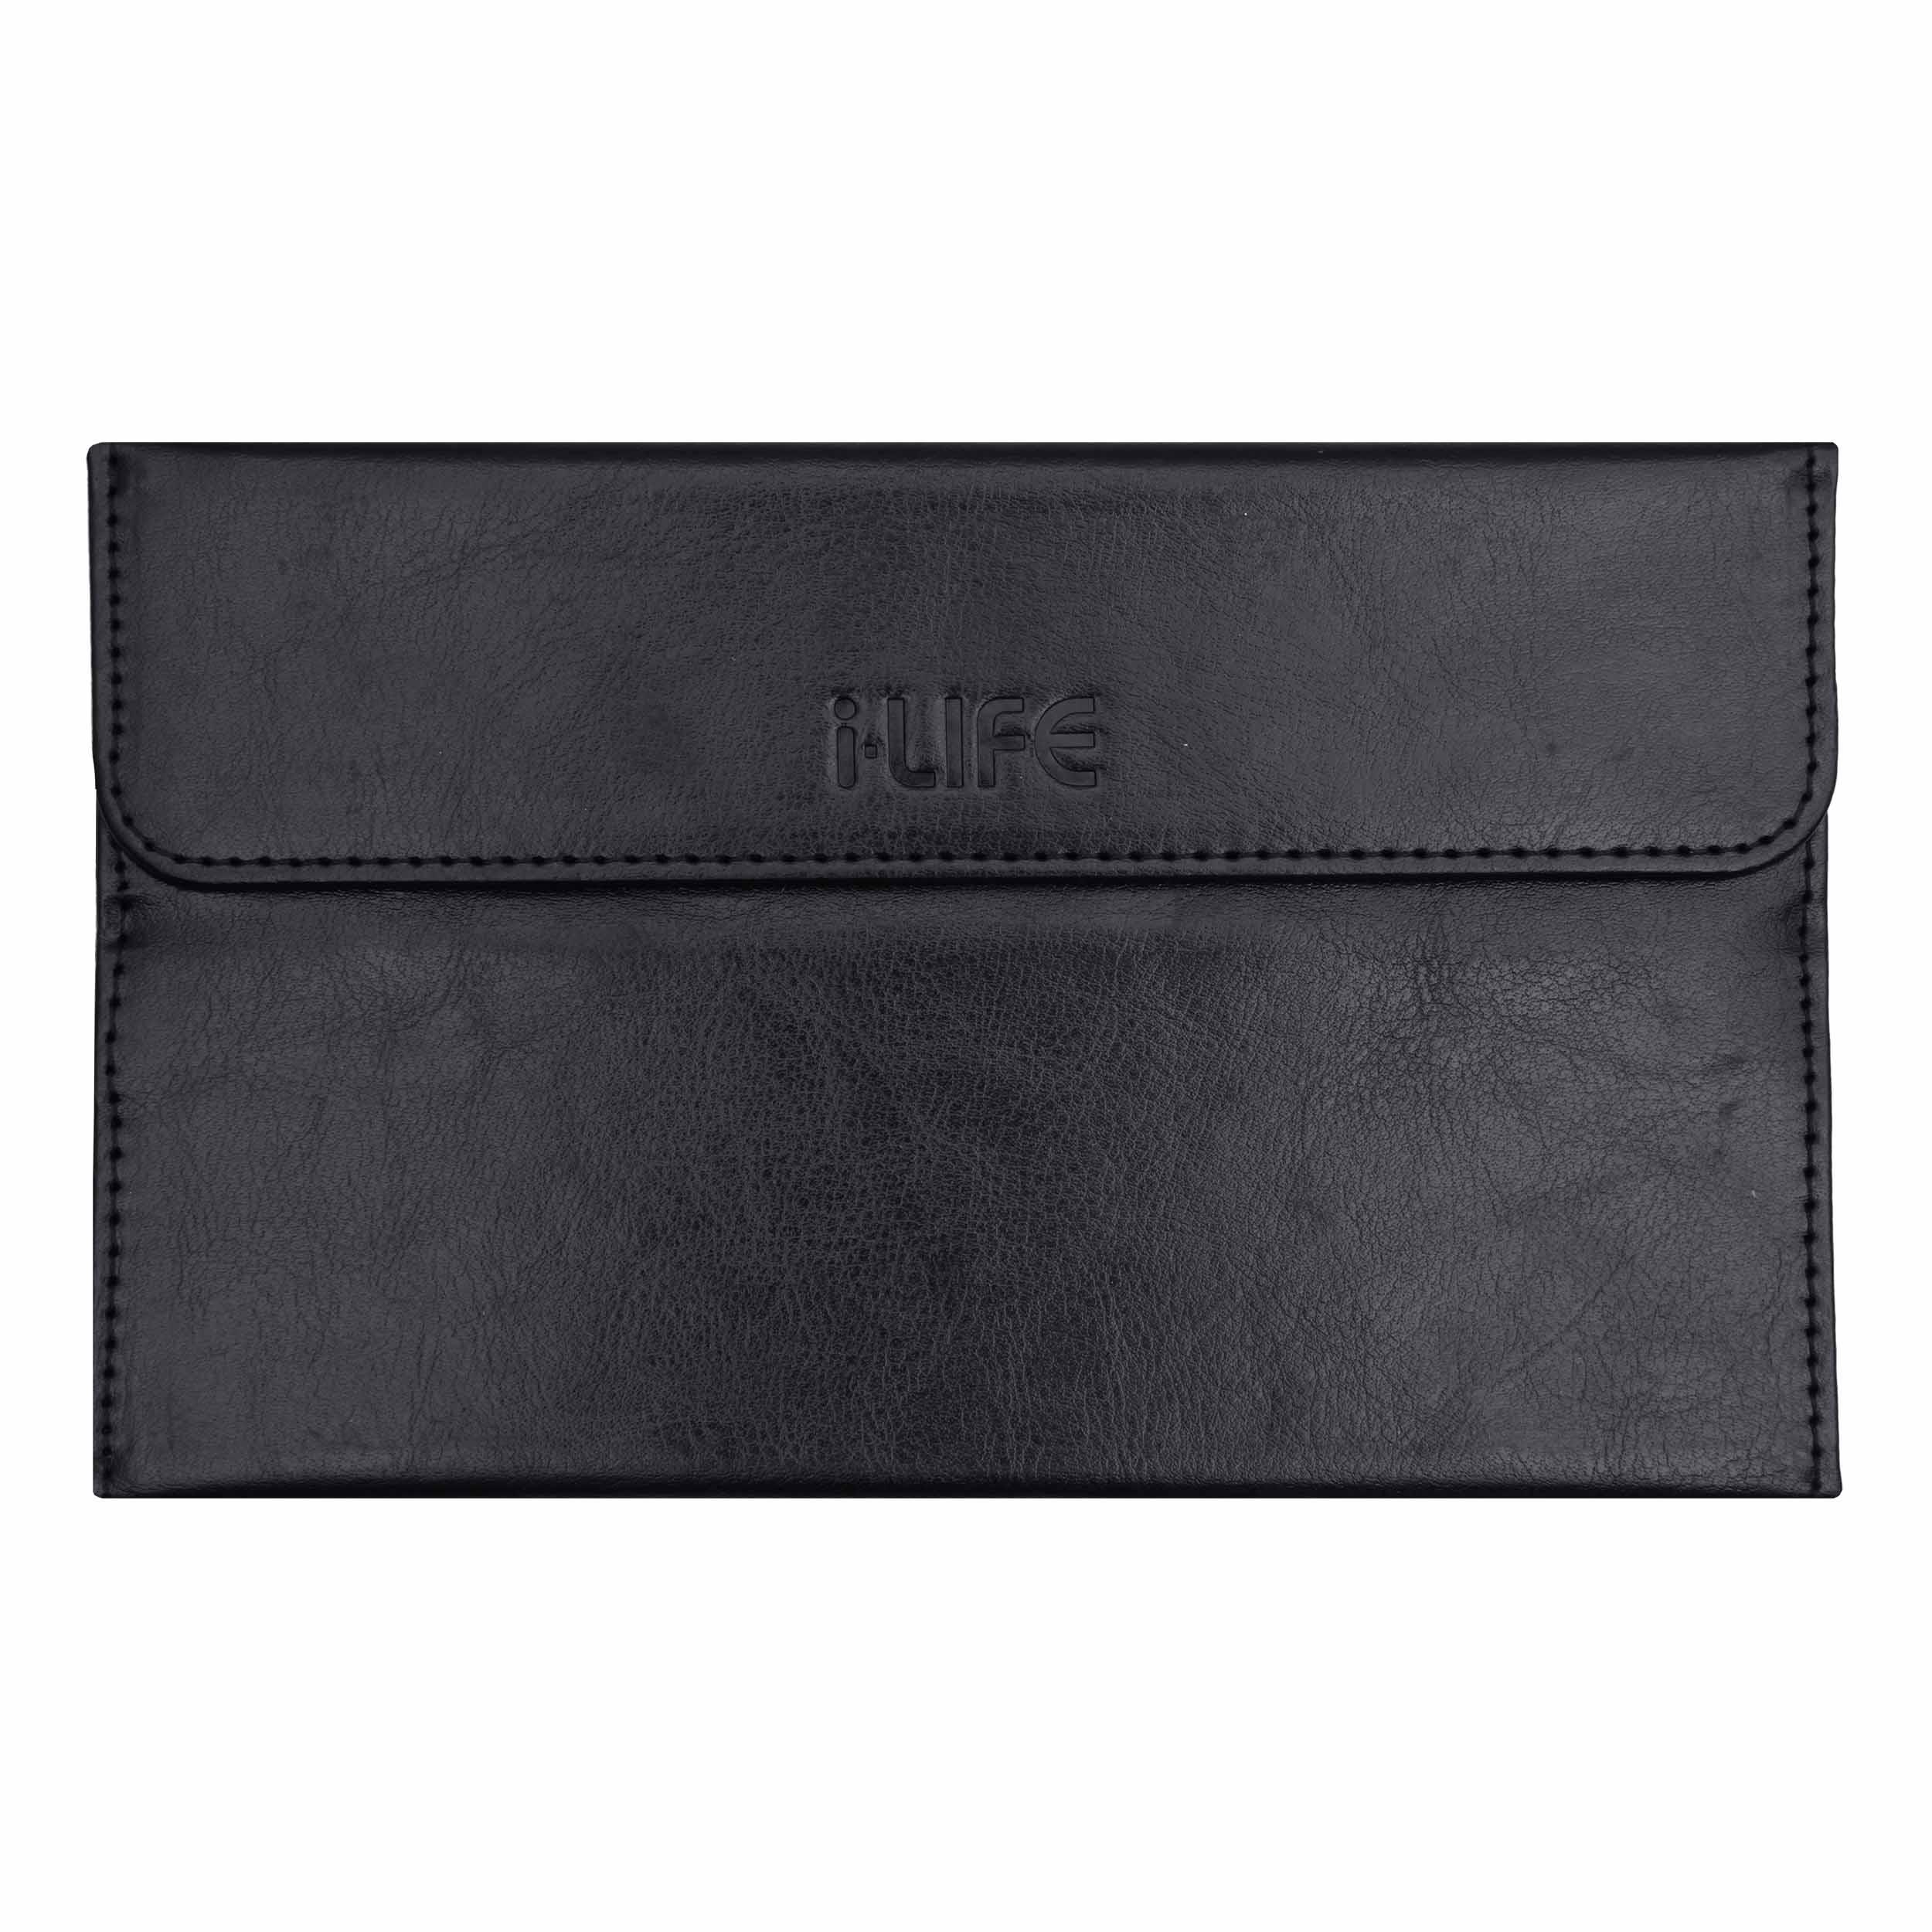 کیف تبلت  آی لایف مدل 7007B مناسب برای تبلت 7 اینچی